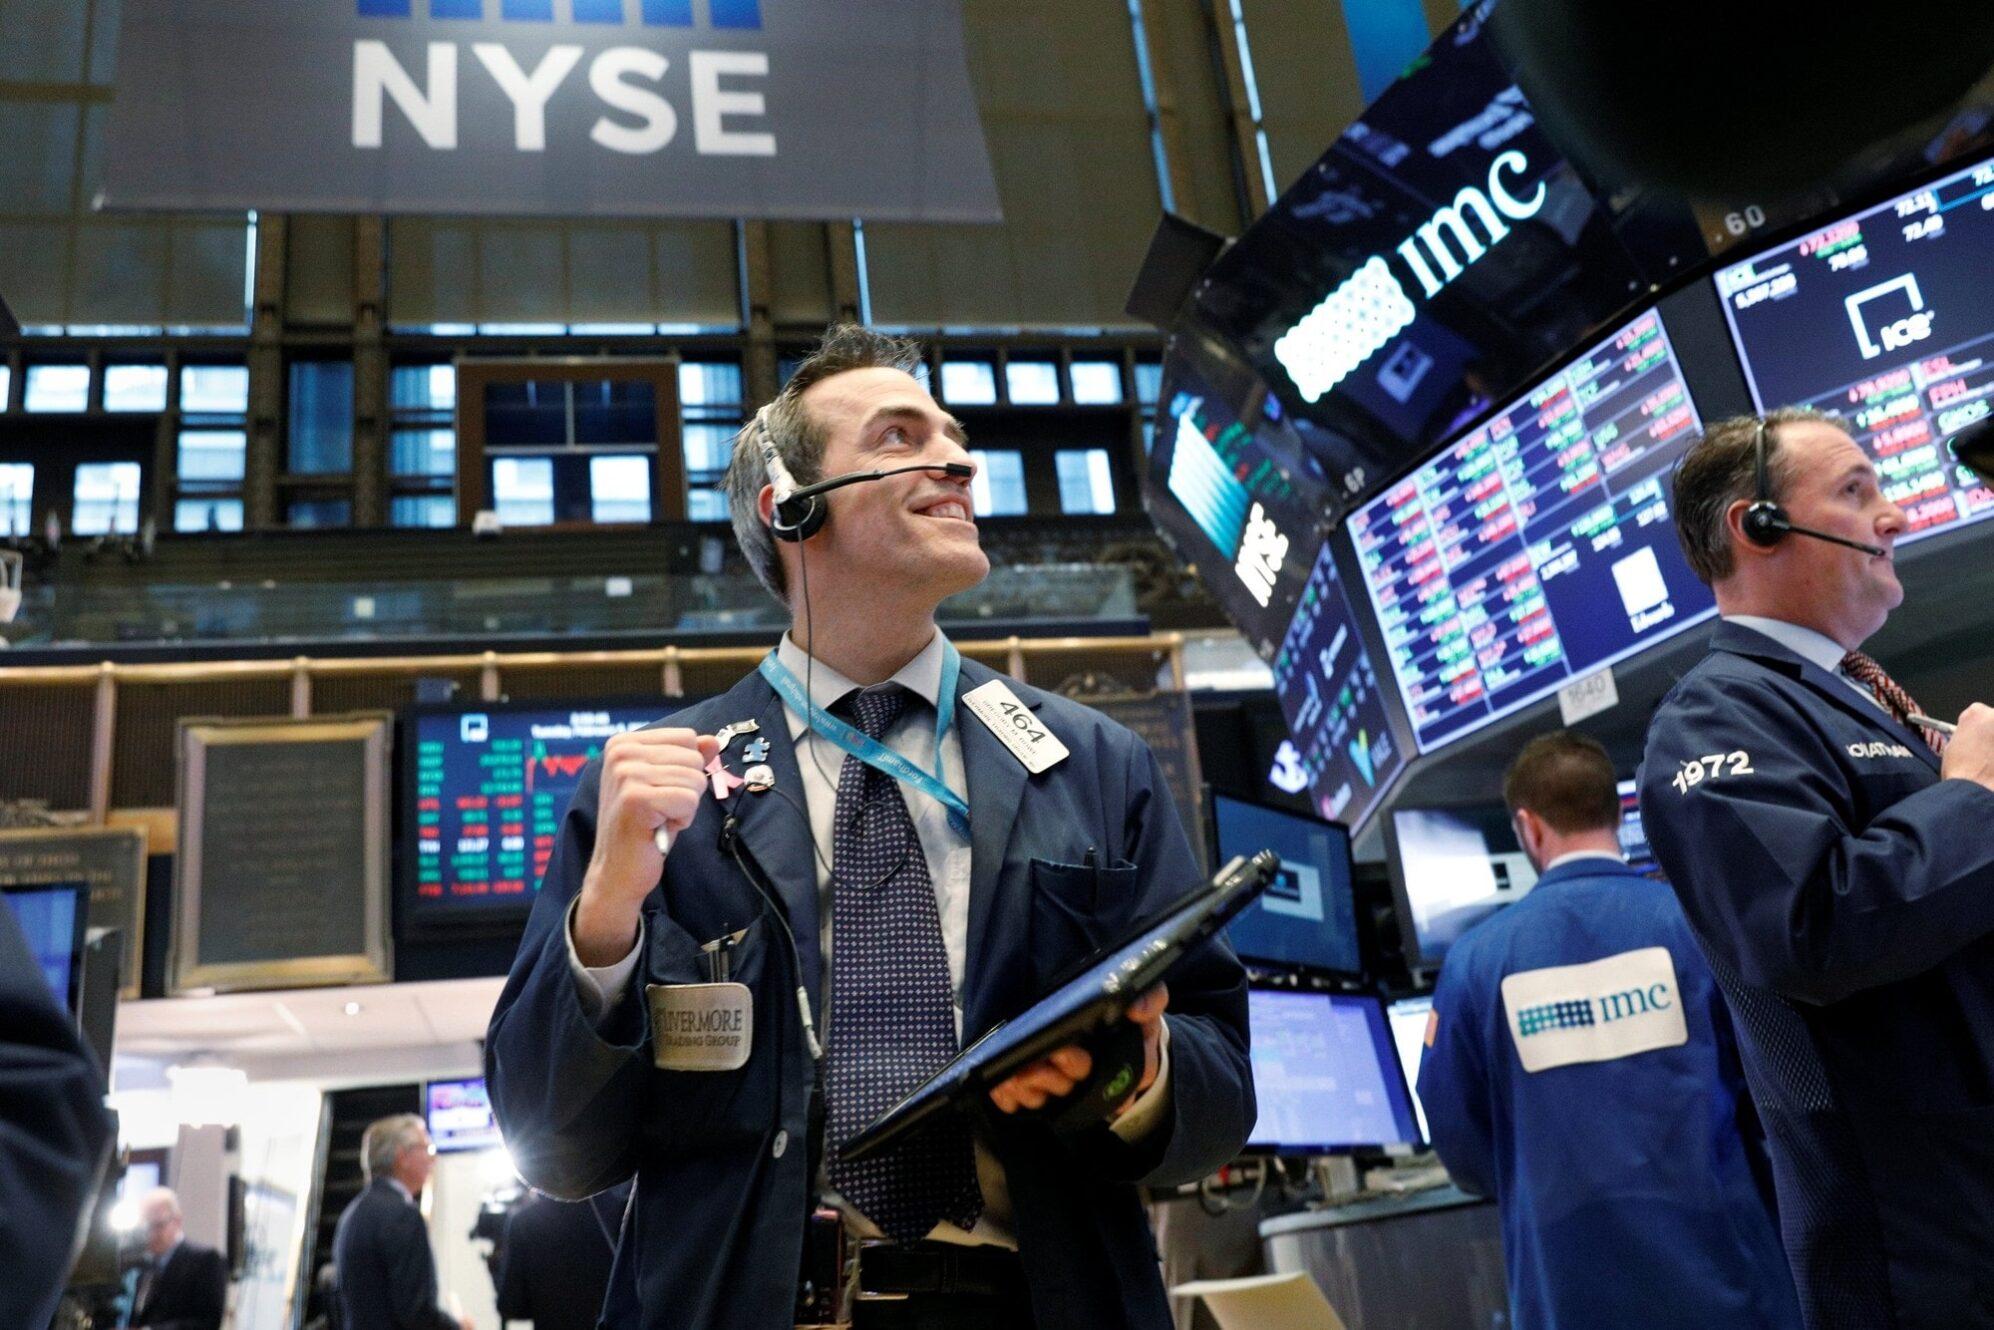 Chứng khoán Mỹ luôn được các nhà đầu tư trên thế giới đặc biệt quan tâm